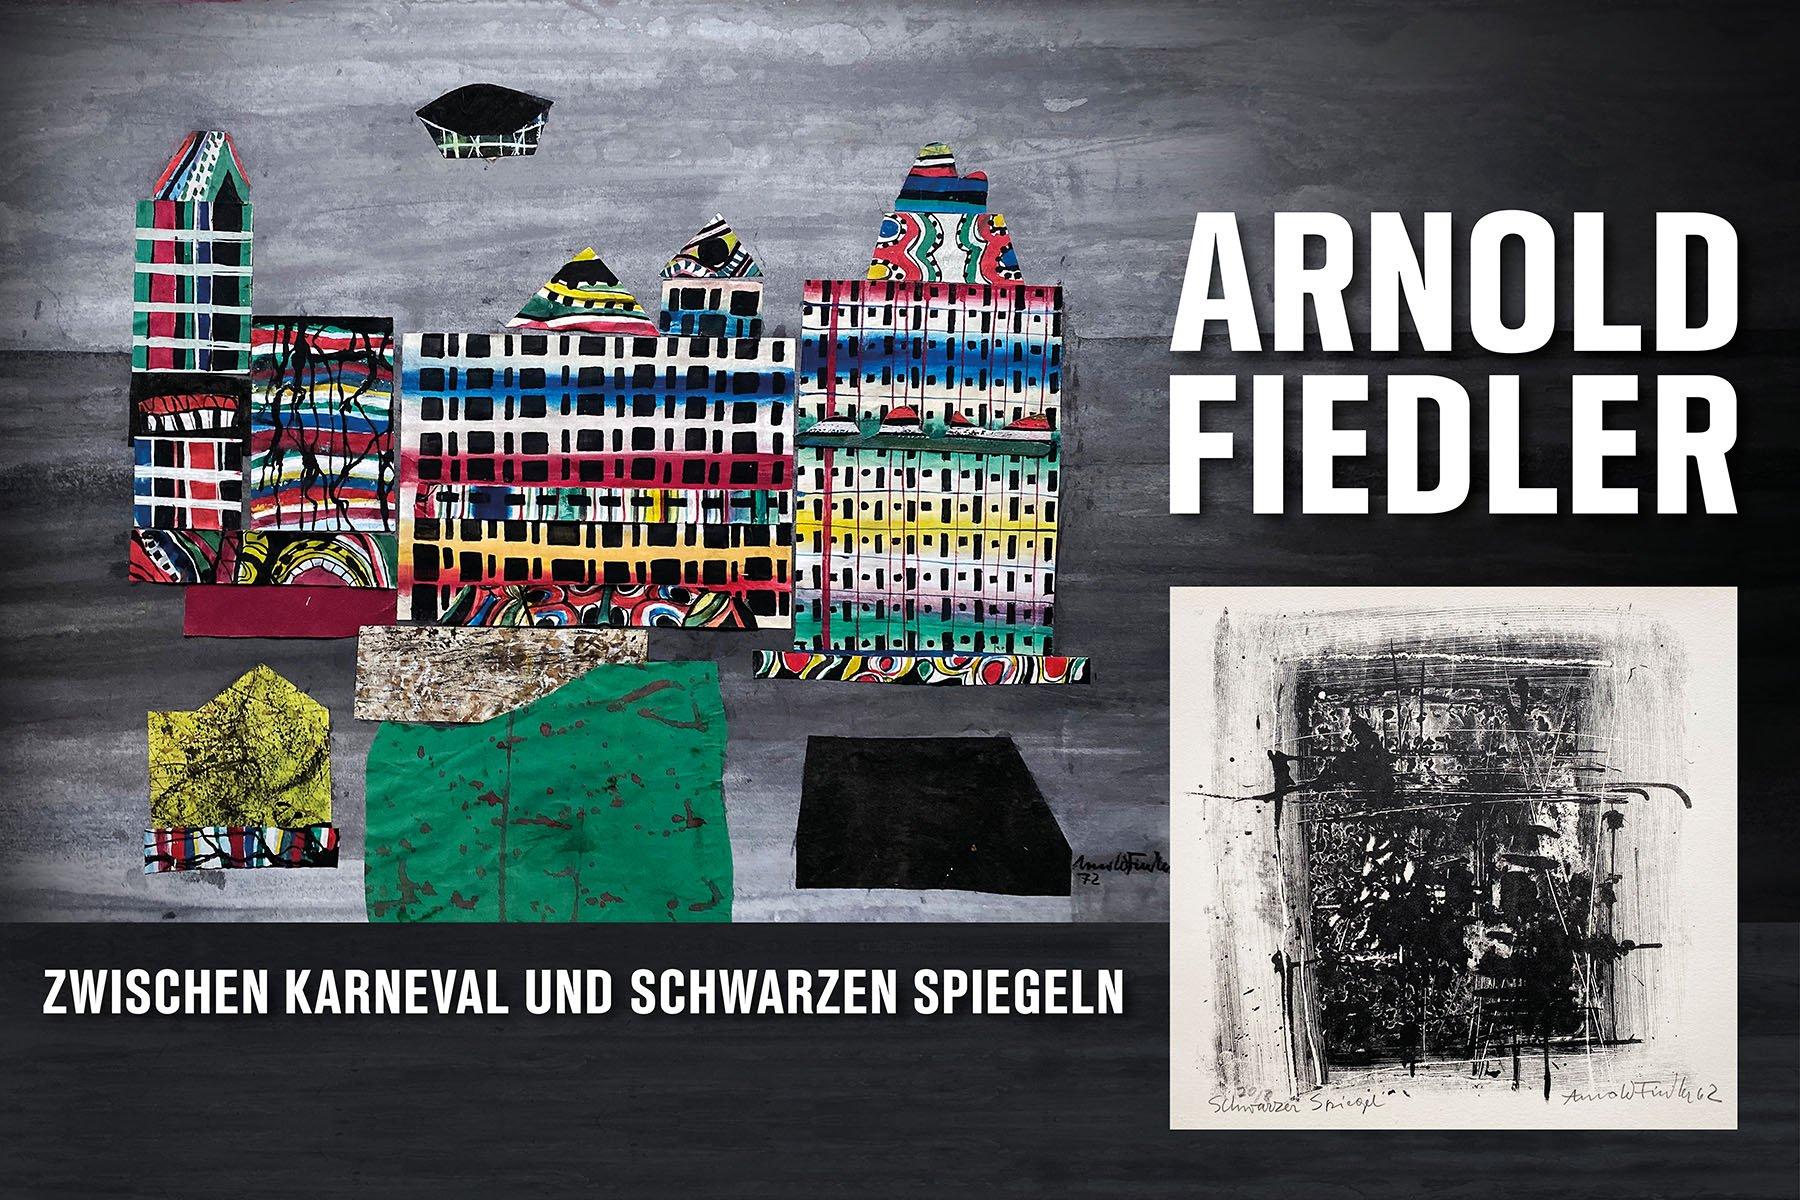 Arnold Fiedler - Zwischen Karneval und schwarzen Spiegel